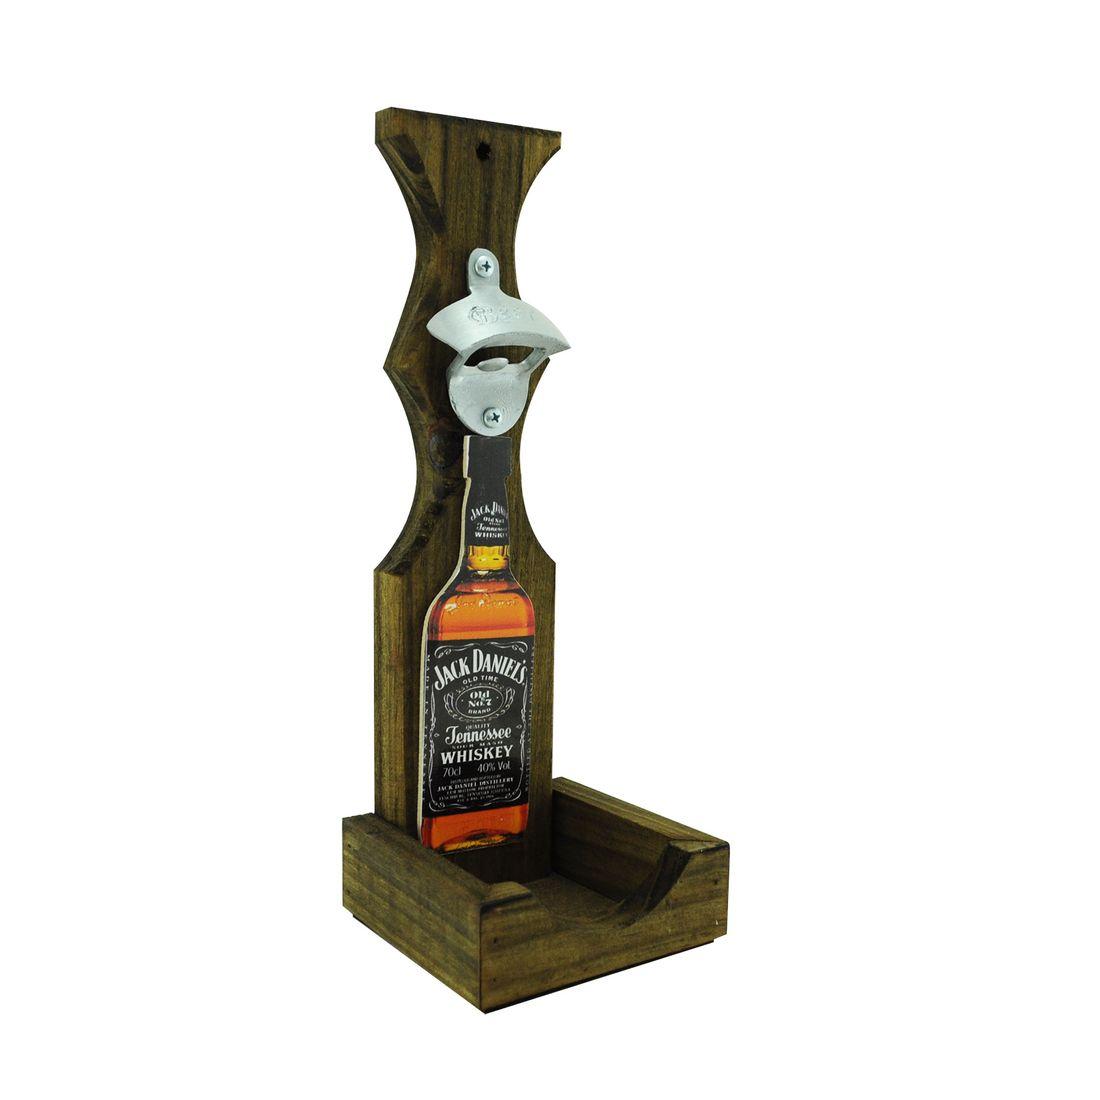 Abridor-Garrafa-Parede-Whiskey-Jack-Daniels-Lazer-Churrasco-Madeira-Pinus